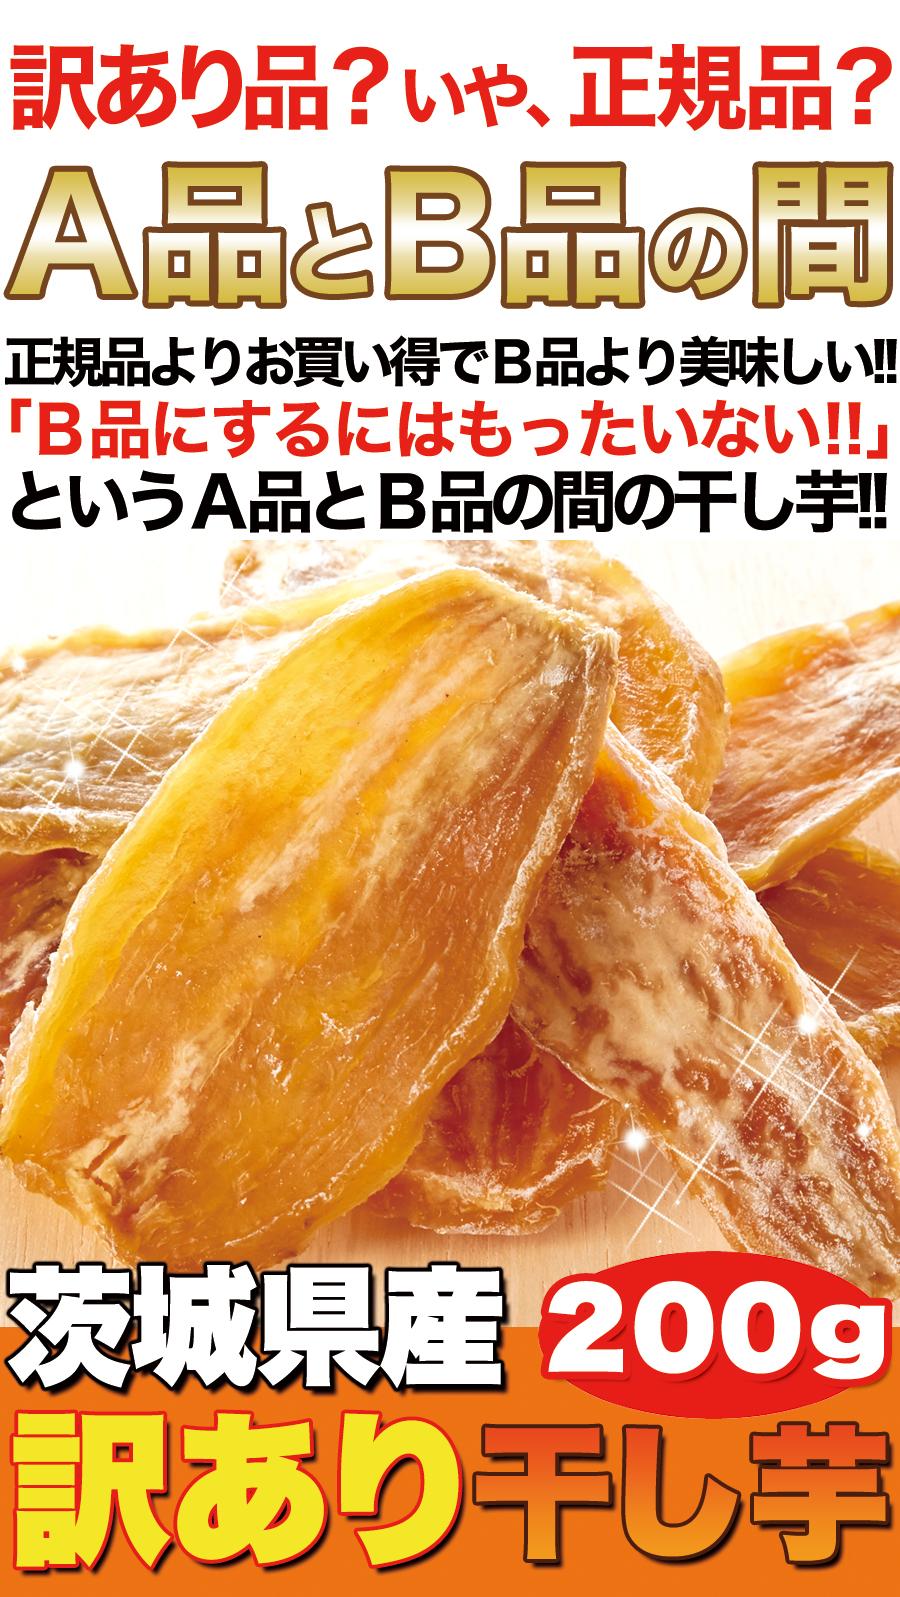 訳あり干し芋,200g,お徳用,茨城産,お芋,芋のお菓子,砂糖不使用,無添加,スイートポテト,